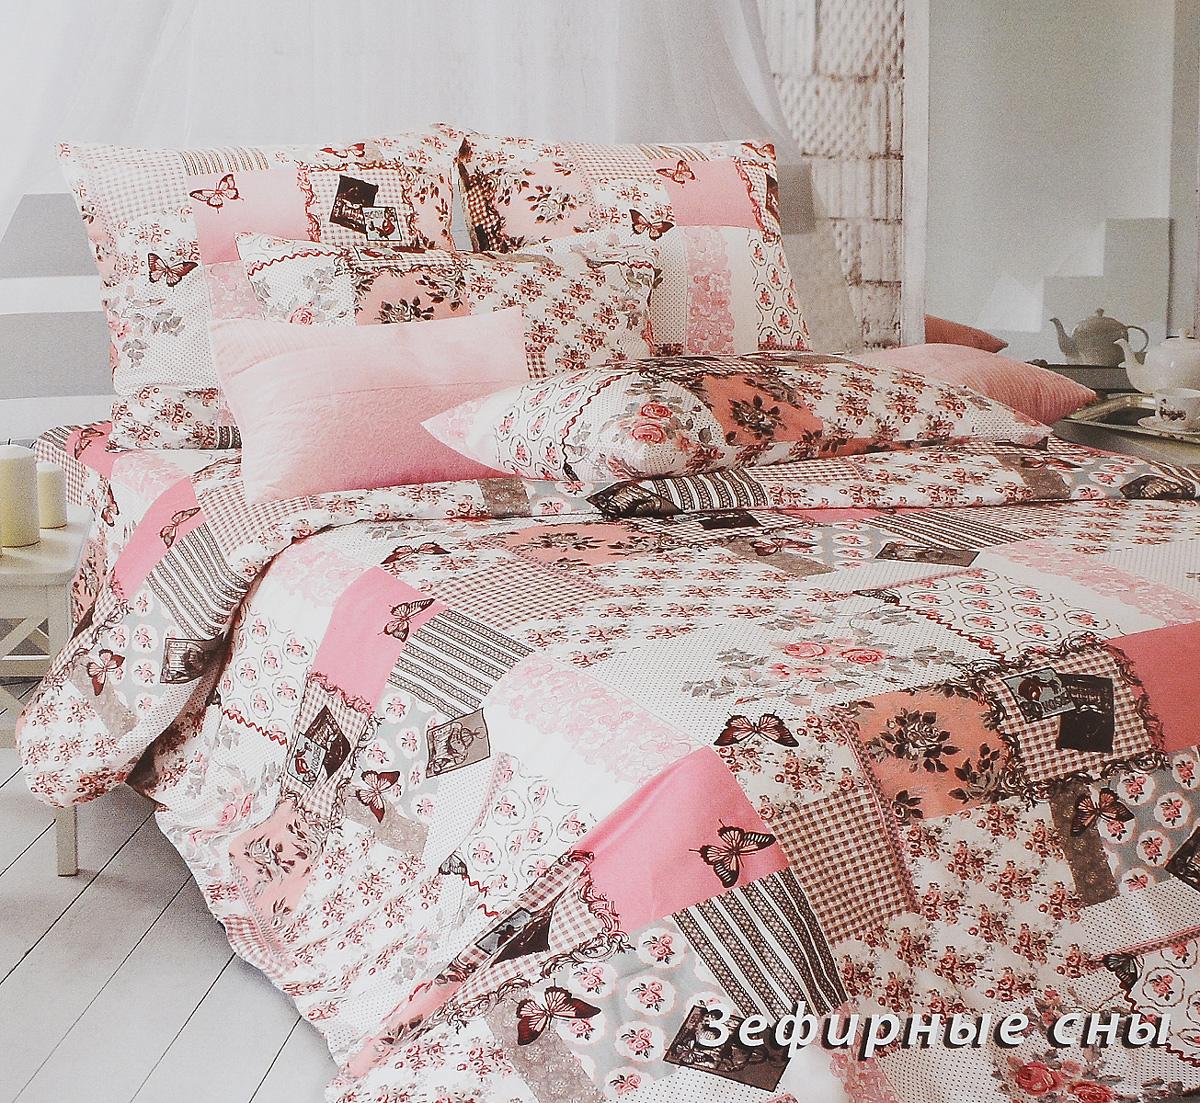 Комплект белья Tiffanys Secret Зефирные сны, евро, наволочки 70х70, цвет: розовый, белый, темно-коричневый2040115980Комплект постельного белья Tiffanys Secret Зефирные сны является экологически безопасным для всей семьи, так как выполнен из сатина (100% хлопок). Комплект состоит из пододеяльника, простыни и двух наволочек. Предметы комплекта оформлены оригинальным рисунком.Благодаря такому комплекту постельного белья вы сможете создать атмосферу уюта и комфорта в вашей спальне.Сатин - это ткань, навсегда покорившая сердца человечества. Ценившие роскошь персы называли ее атлас, а искушенные в прекрасном французы - сатин. Секрет высококачественного сатина в безупречности всего технологического процесса. Эту благородную ткань делают только из отборной натуральной пряжи, которую получают из самого лучшего тонковолокнистого хлопка. Благодаря использованию самой тонкой хлопковой нити получается необычайно мягкое и нежное полотно. Сатиновое постельное белье превращает жаркие летние ночи в прохладные и освежающие, а холодные зимние - в теплые и согревающие. Сатин очень приятен на ощупь, постельное белье из него долговечно, выдерживает более 300 стирок, и лишь спустя долгое время материал начинает немного тускнеть. Оцените все достоинства постельного белья из сатина, выбирая самое лучшее для себя!Советы по выбору постельного белья от блогера Ирины Соковых. Статья OZON Гид